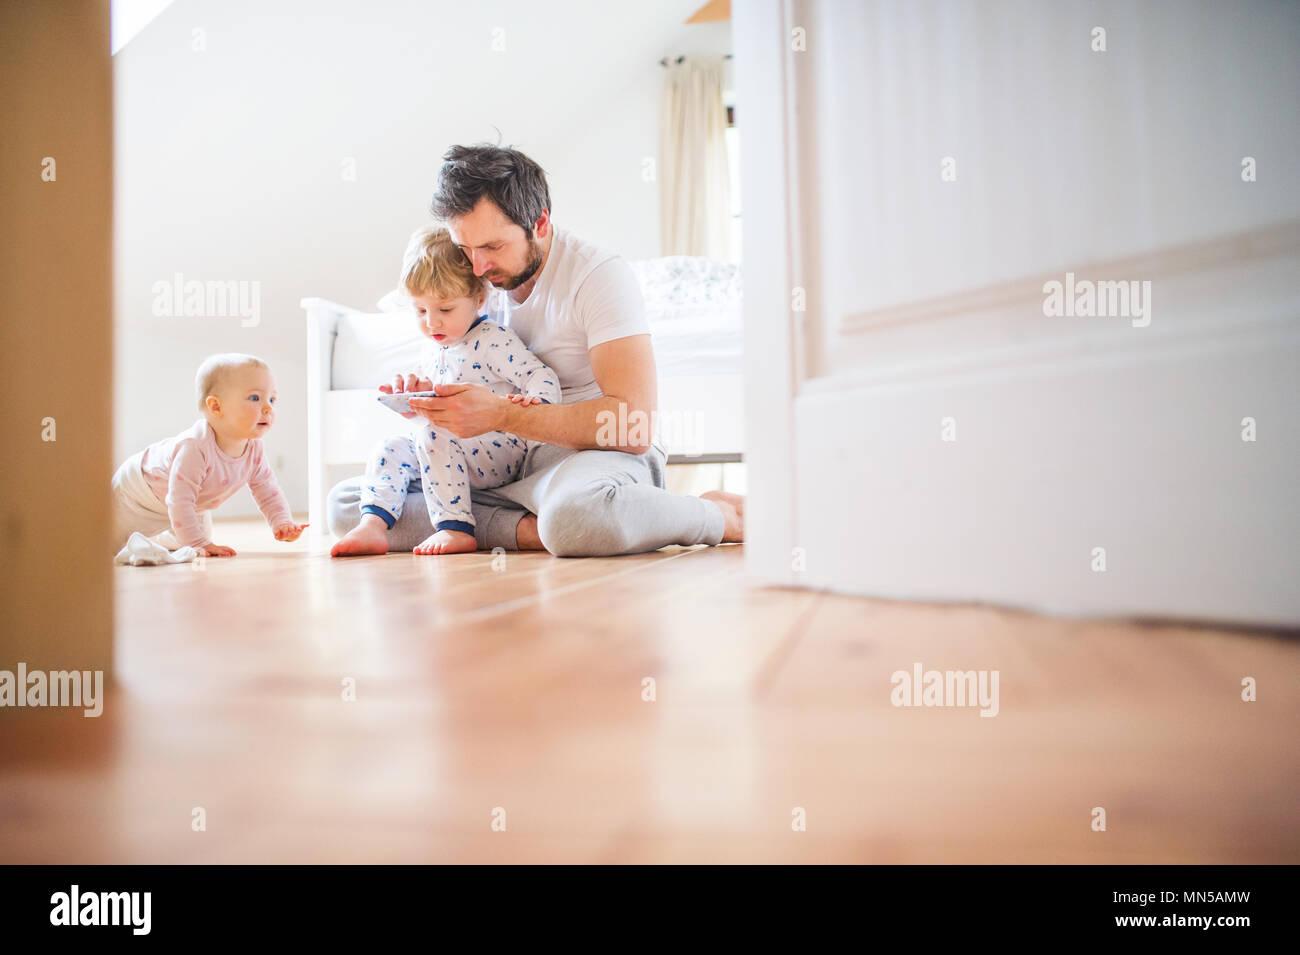 Fußboden Günstig Urlaub ~ Vater und kind kinder mit smartphone auf dem fußboden sitzen zu